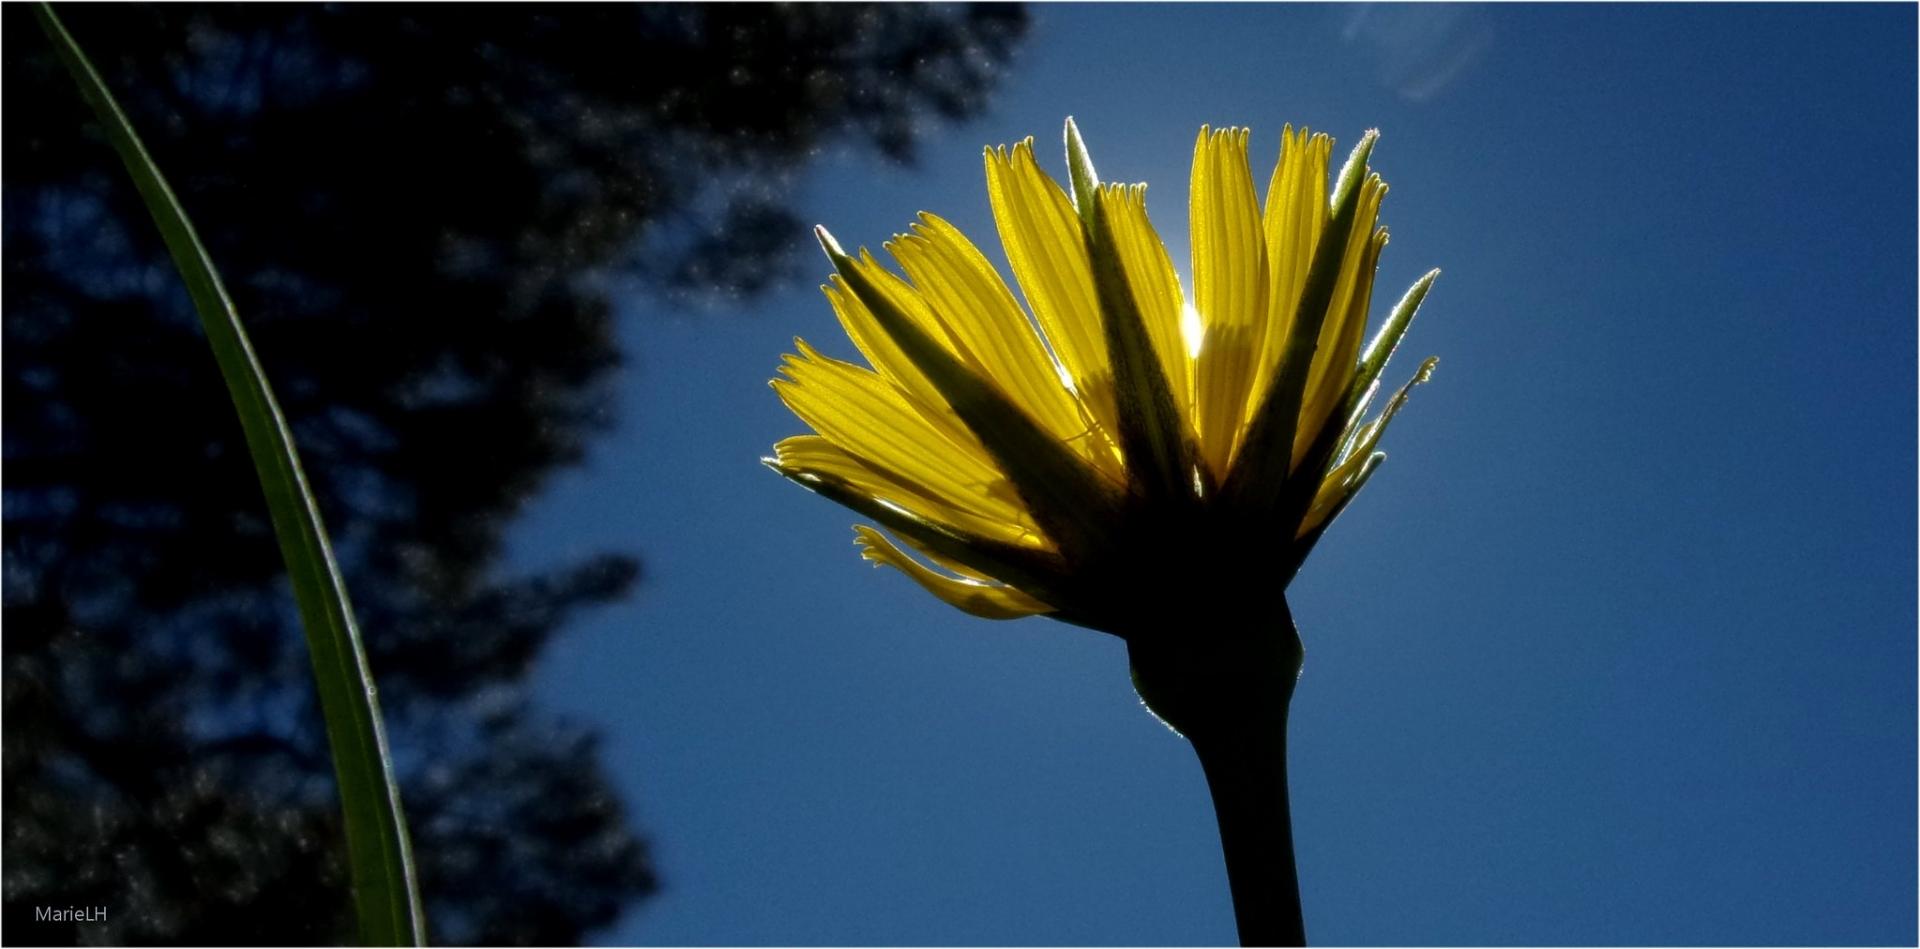 Fleur Salsifis des prés (Crédit : Marie LH_Flickr)